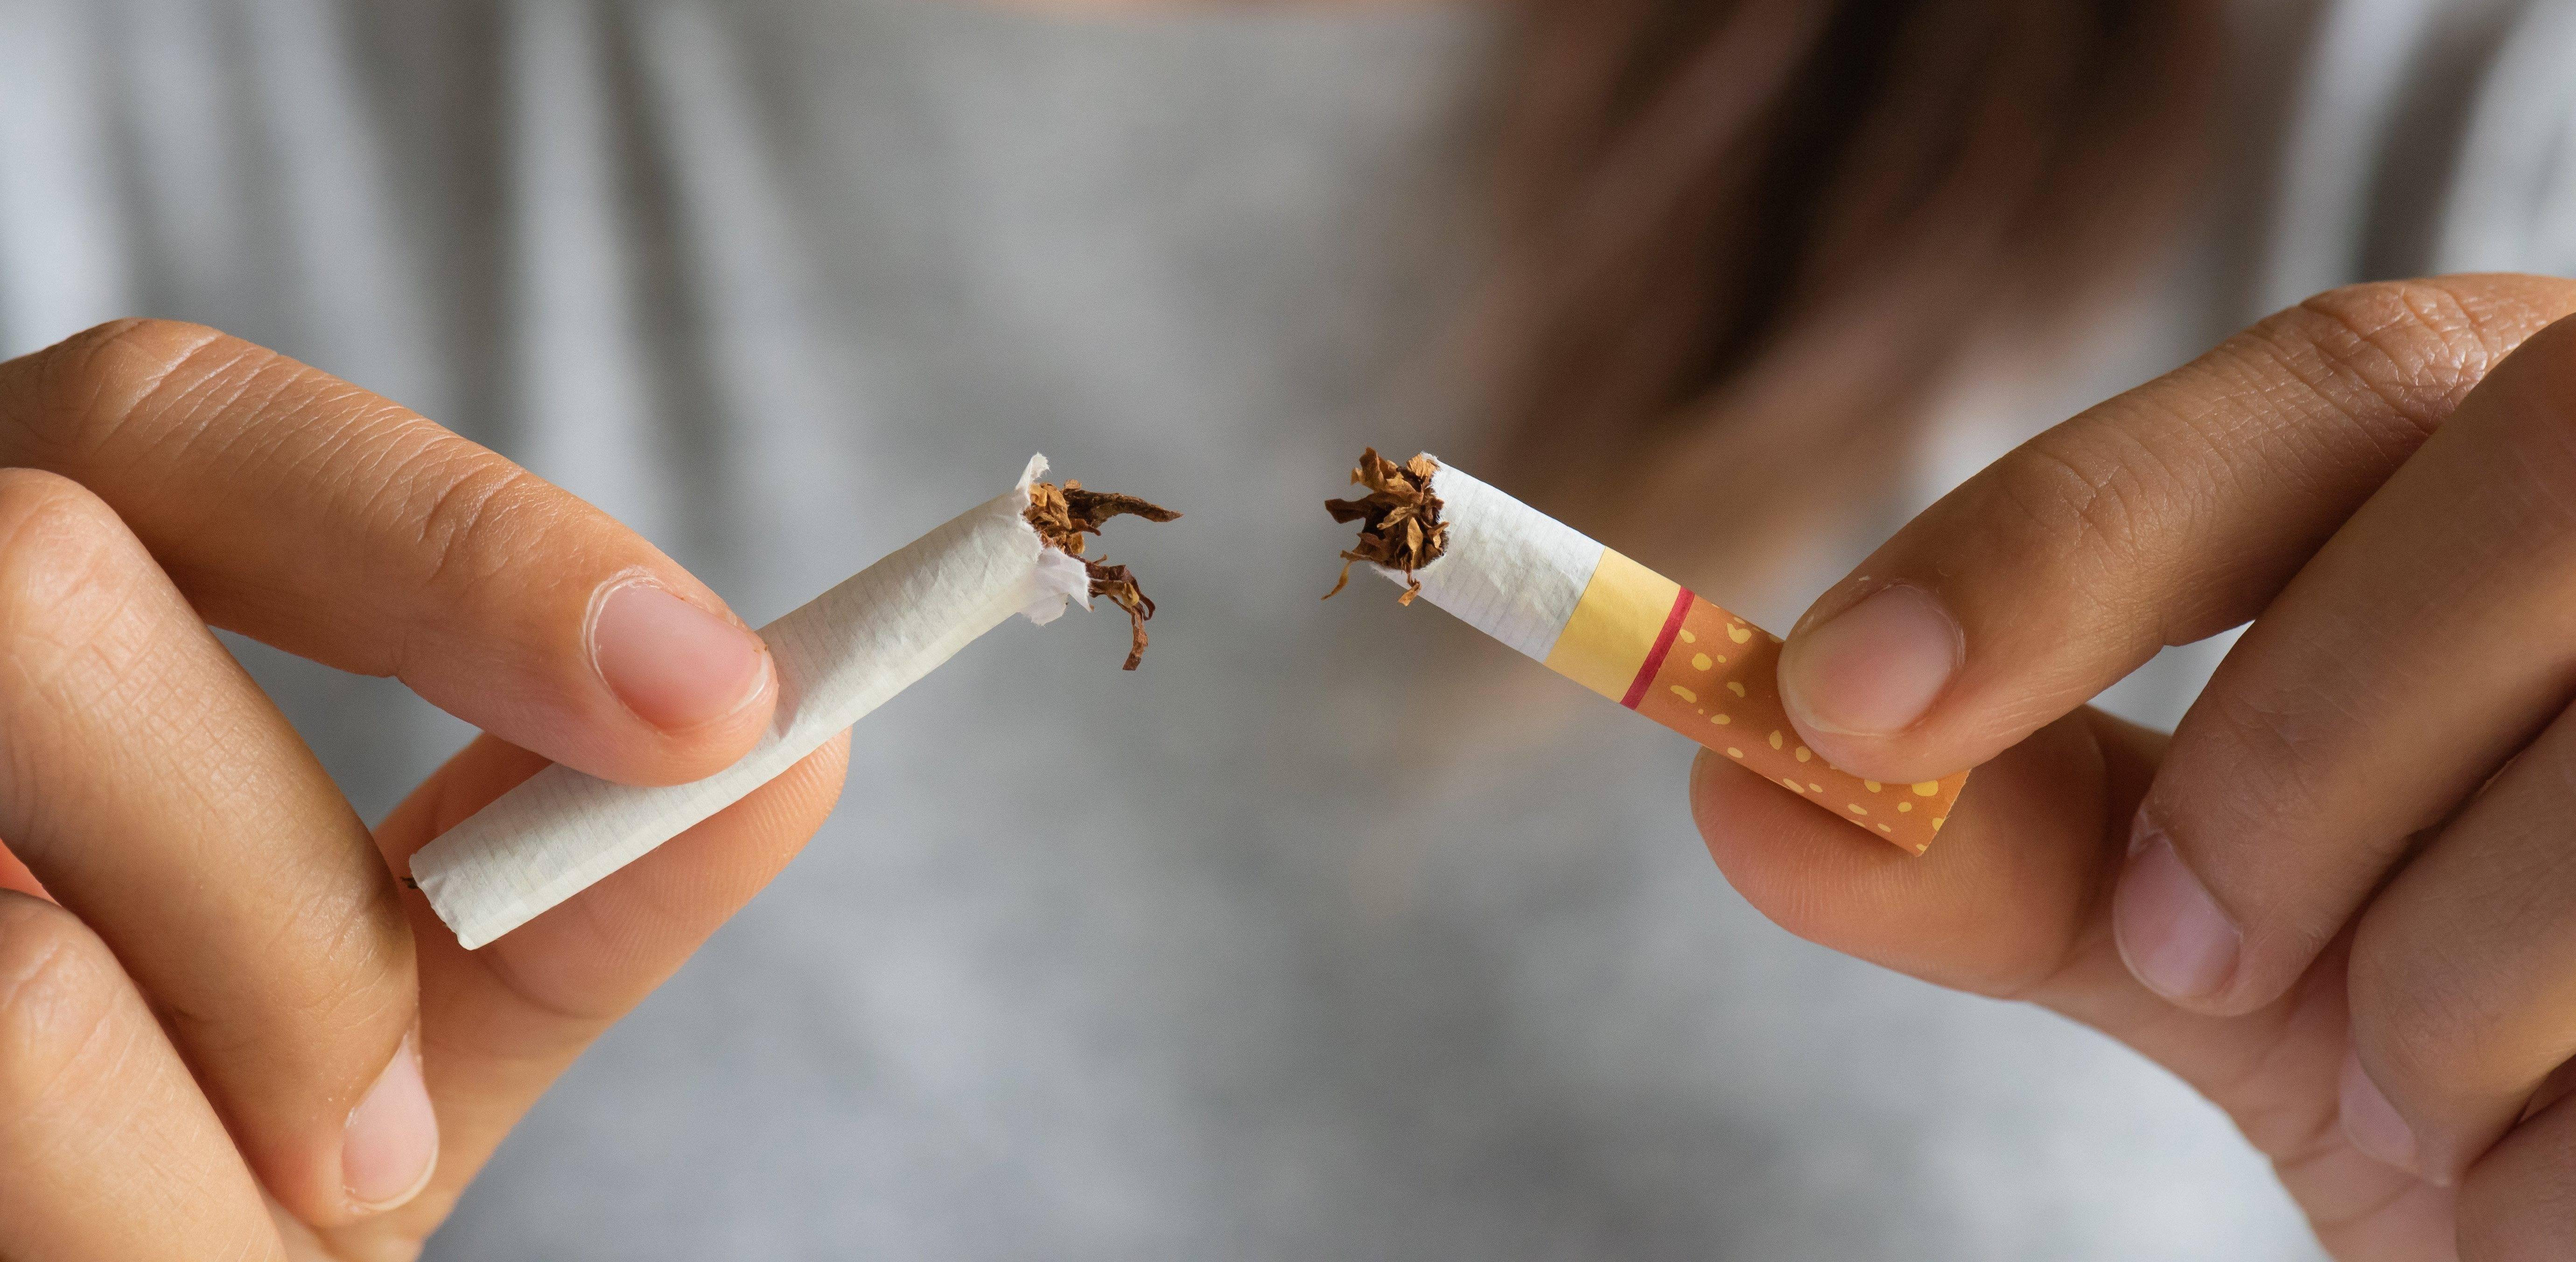 Десять советов для тех, кто бросает курить. для тех кто бросил курить кто бросает курить